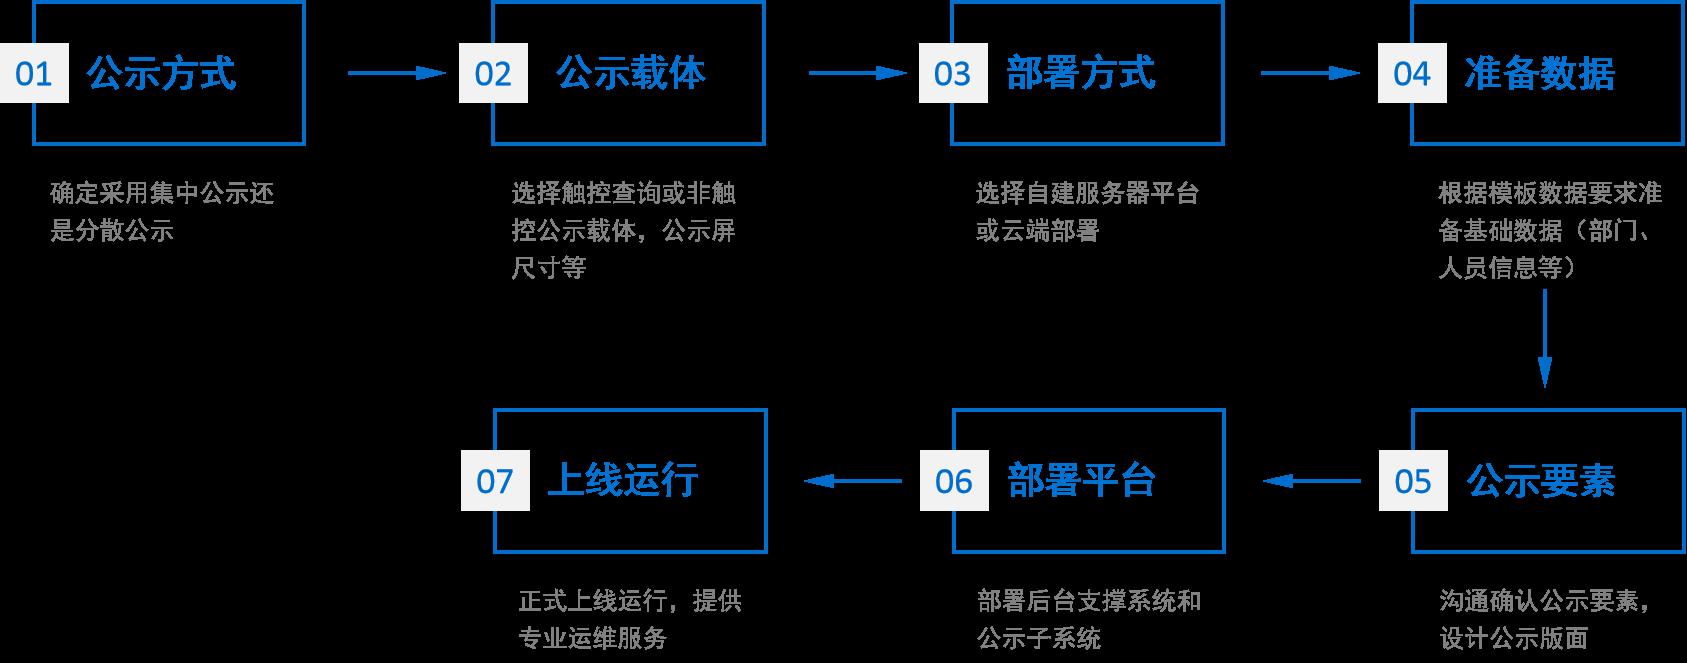 信息动态公示平台实施流程